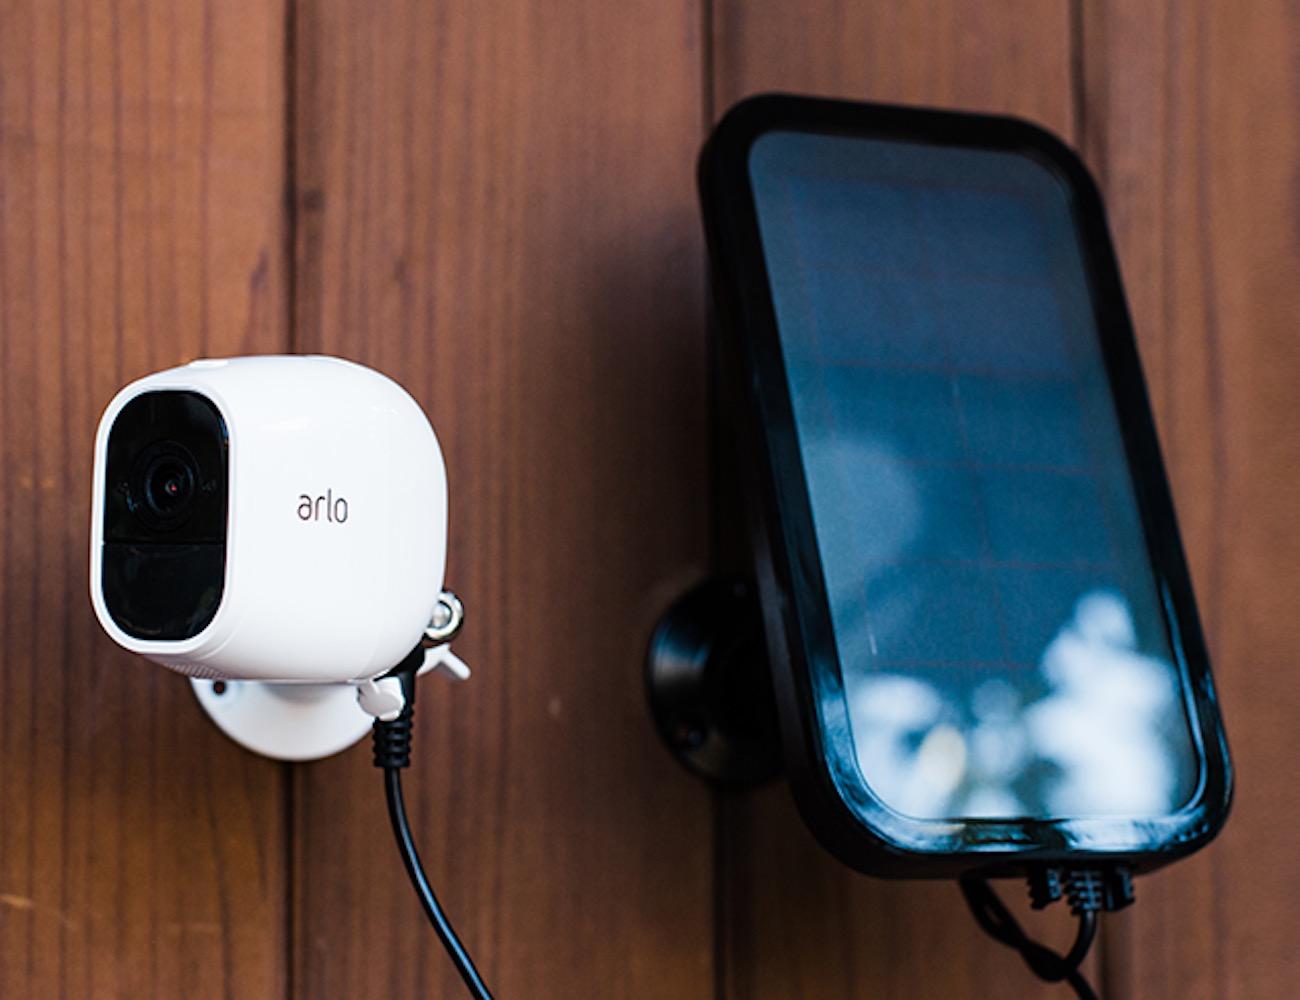 Arlo Pro 2 Smart Hd Security Camera By Netgear 187 Gadget Flow